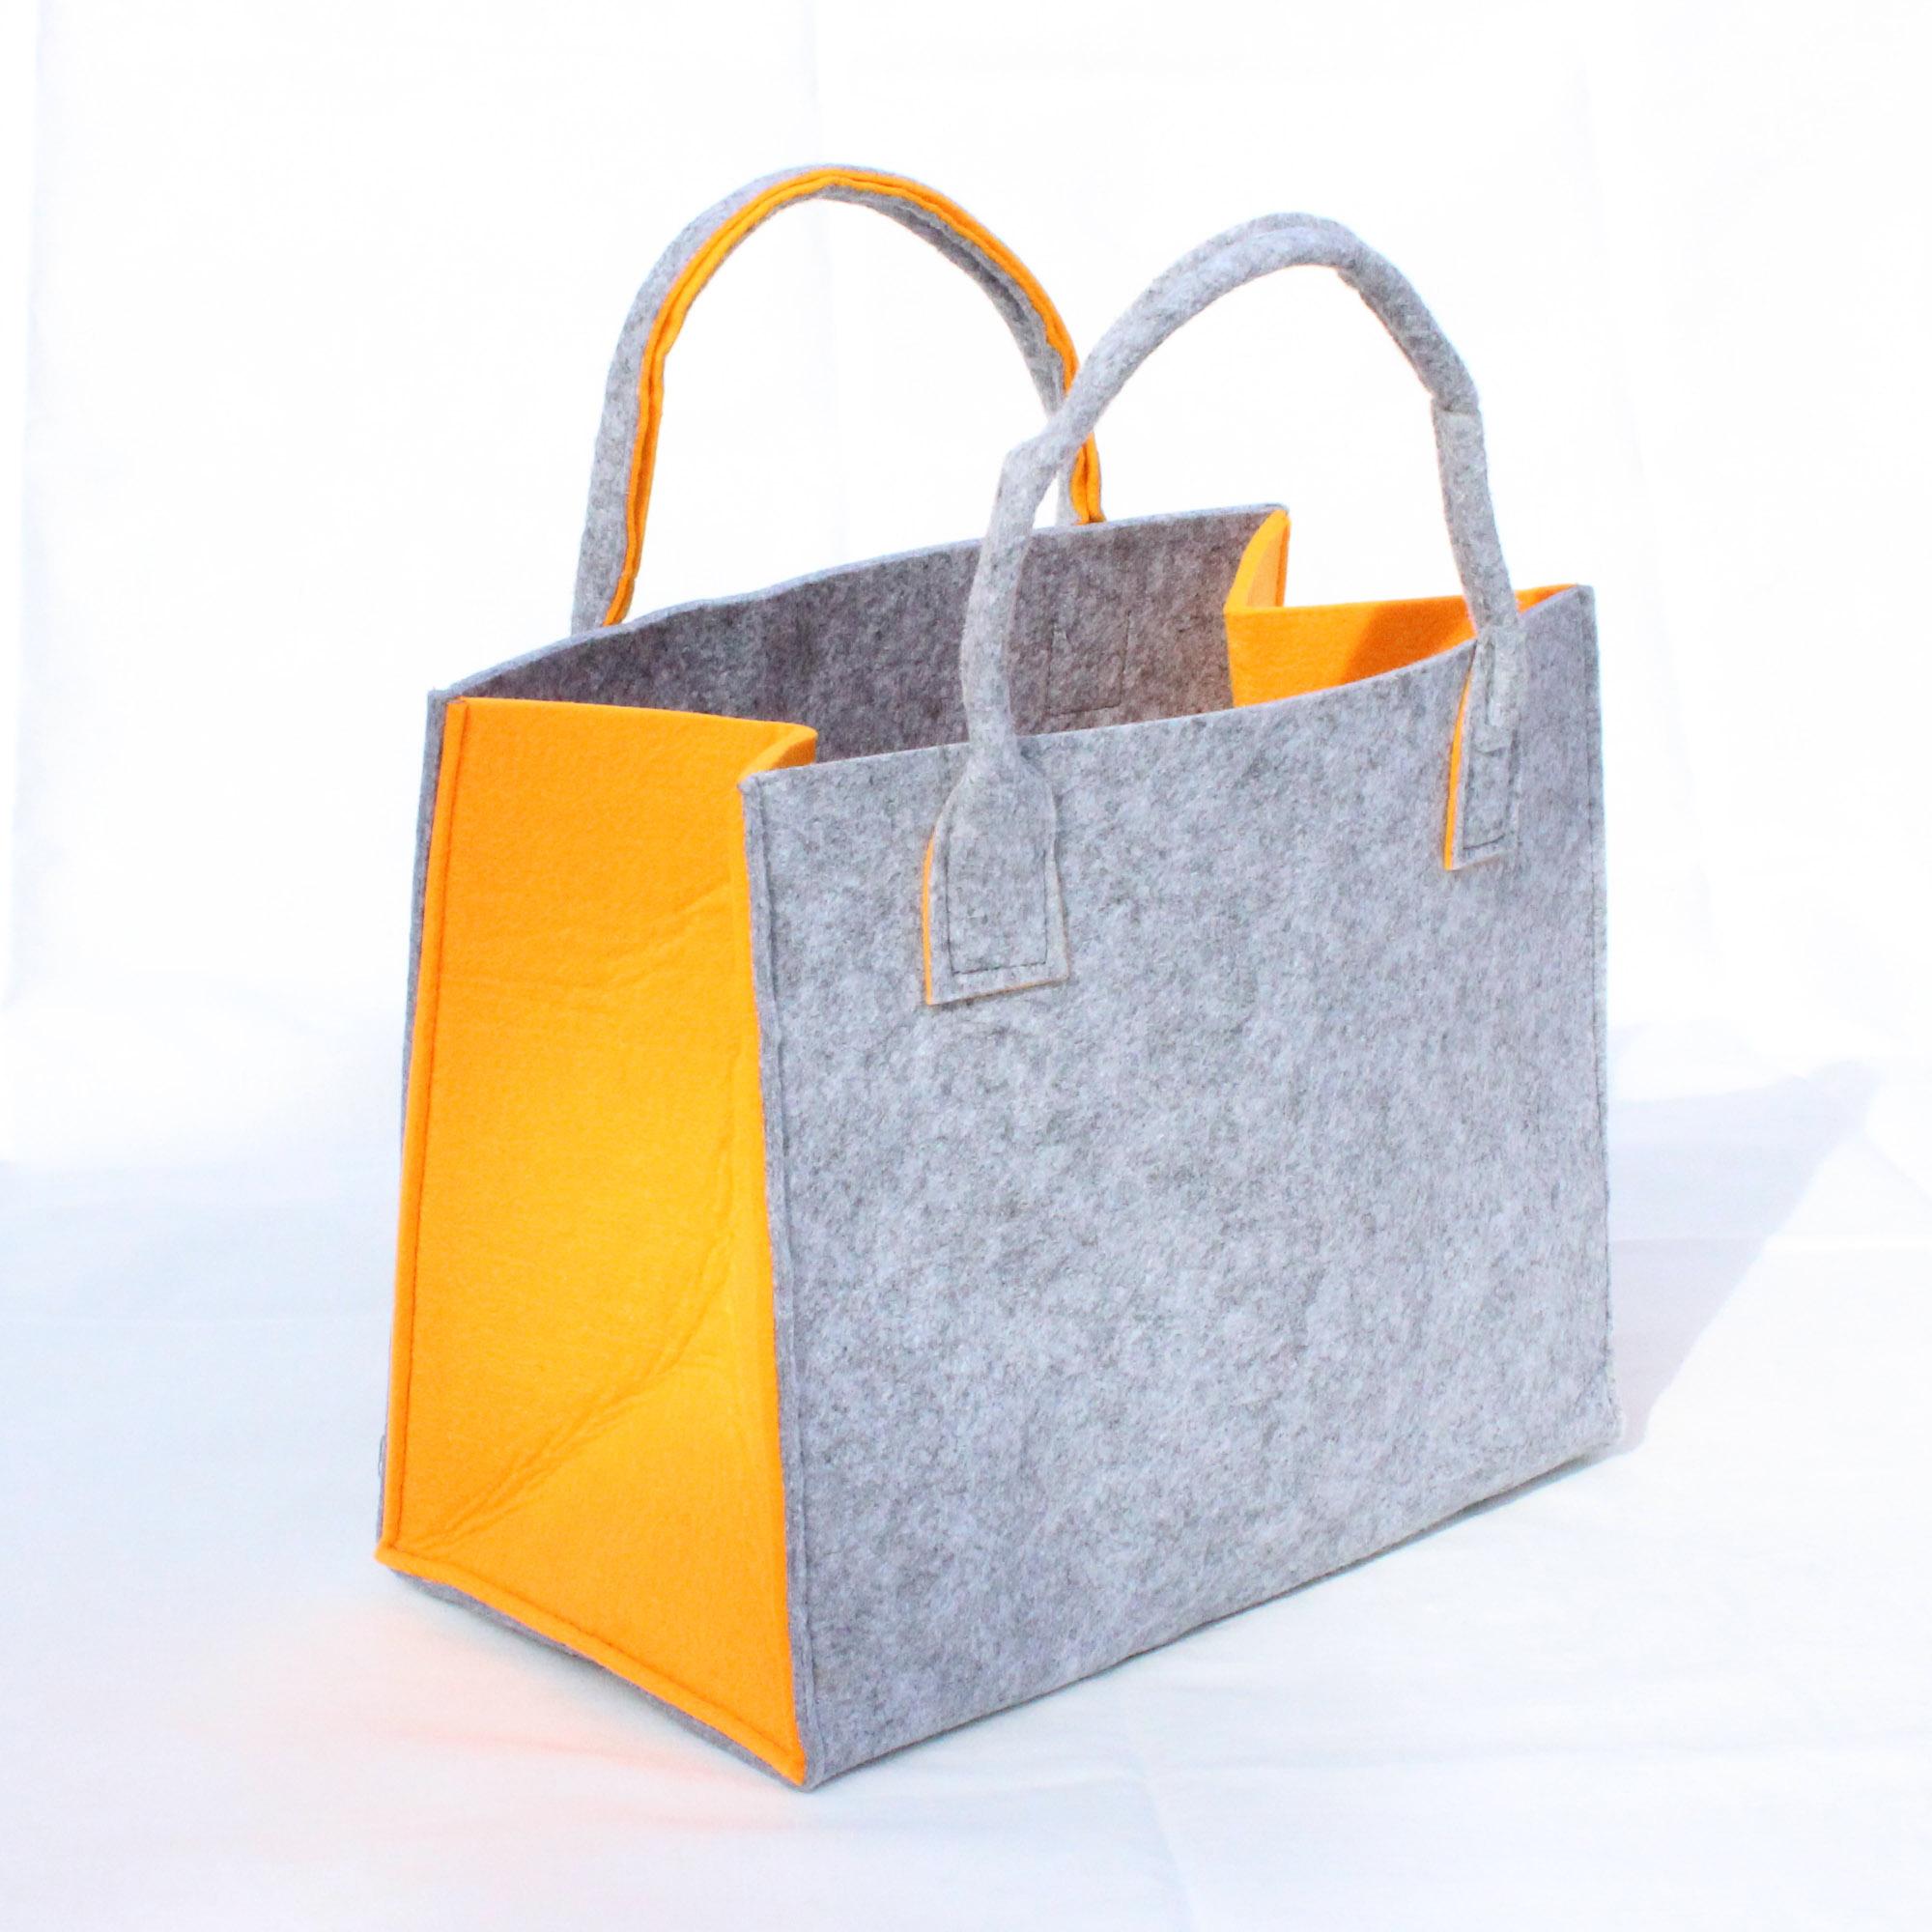 f12f72fd8a25c hellgraue-filztasche-mit-orangen-schmalseiten-35x20x28cm-ohne henkel